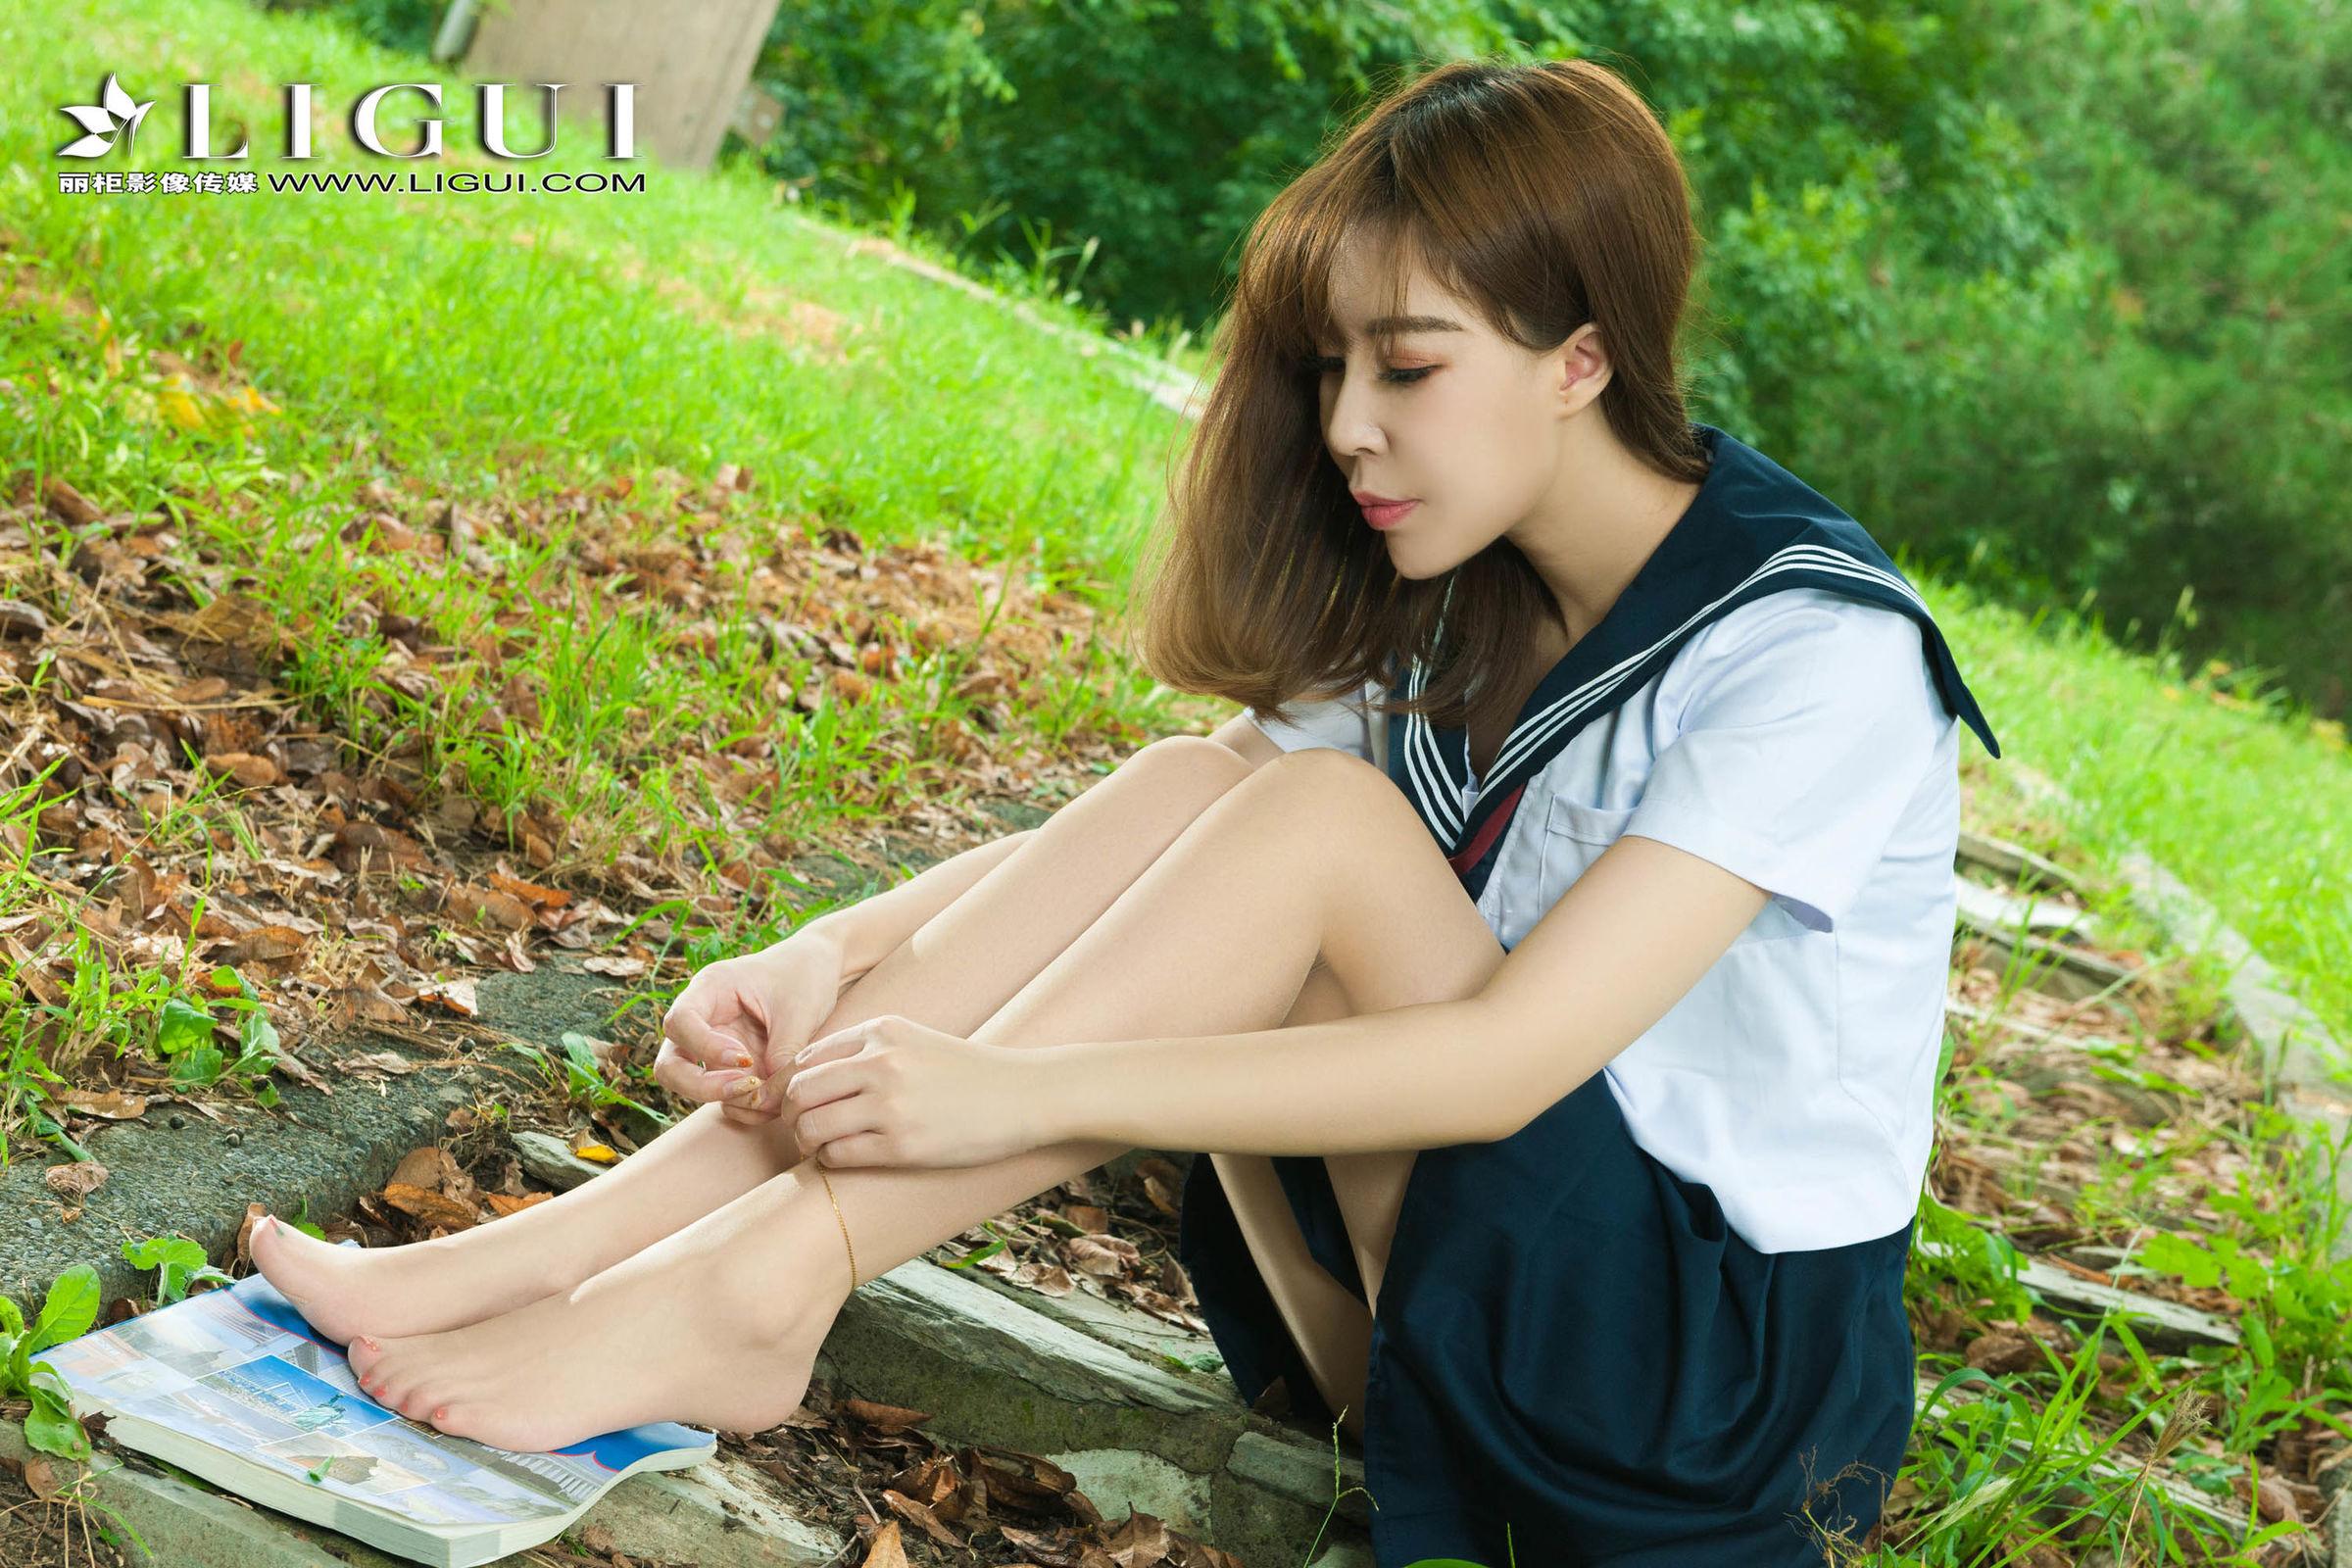 Model Vicky - 校服少女丝足 写真套图